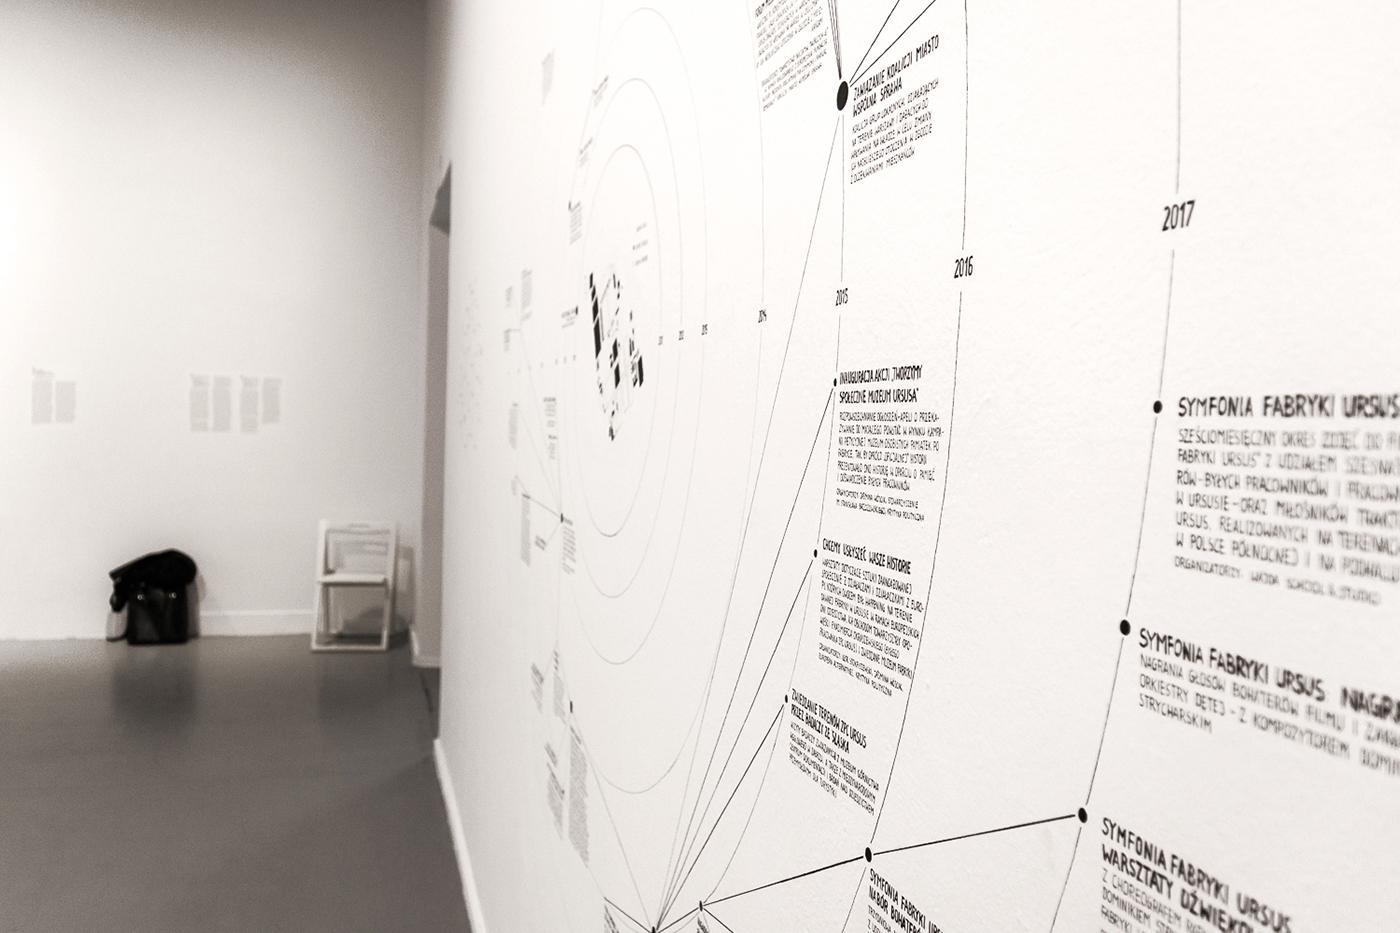 data visualization data visualisation dataviz circle timeline time Exhibition  map infographic adobeawards